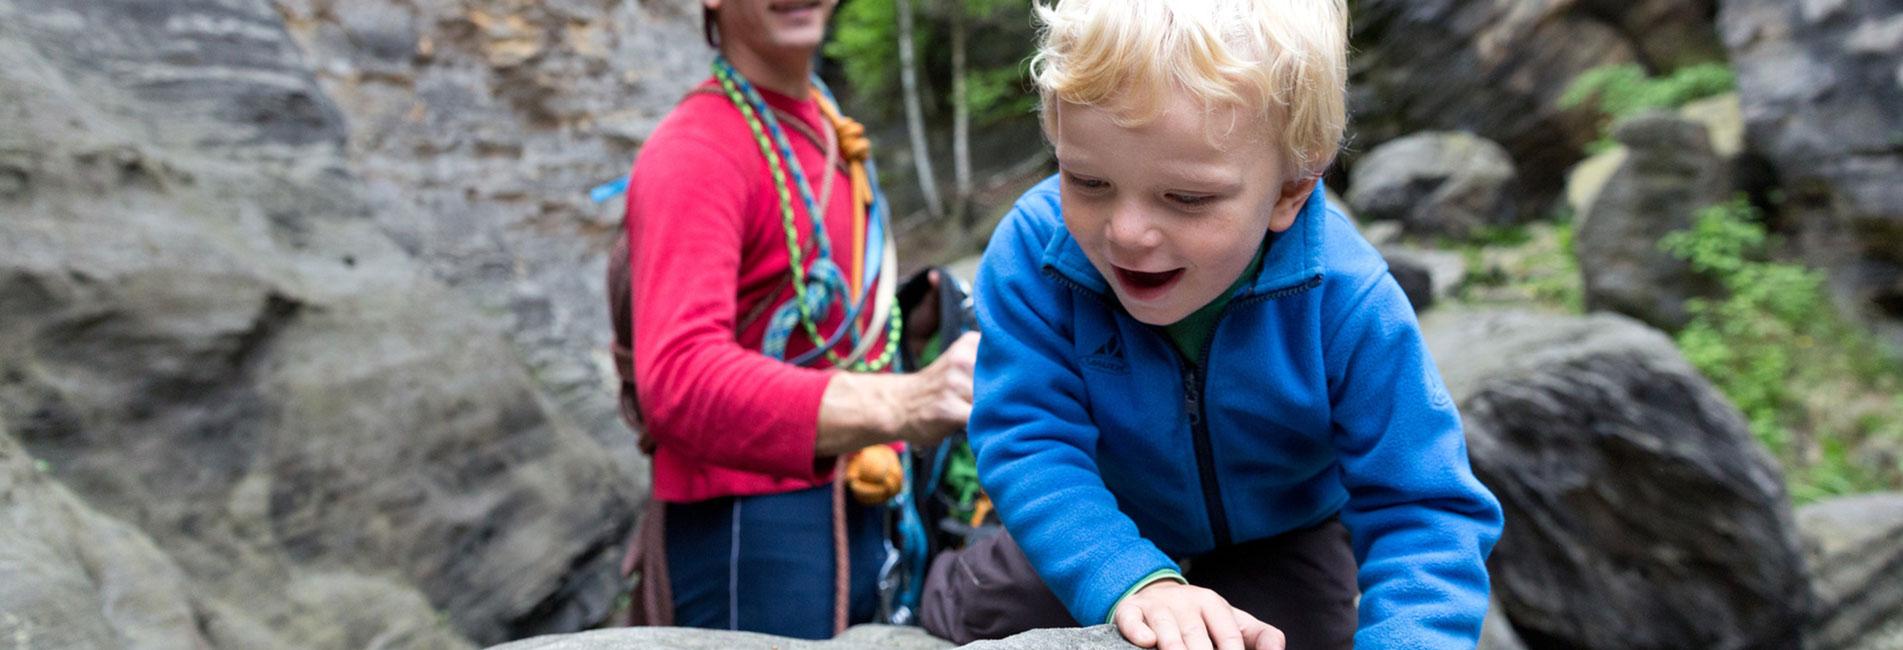 Klettertour - romantisches Gipfelerlebnis